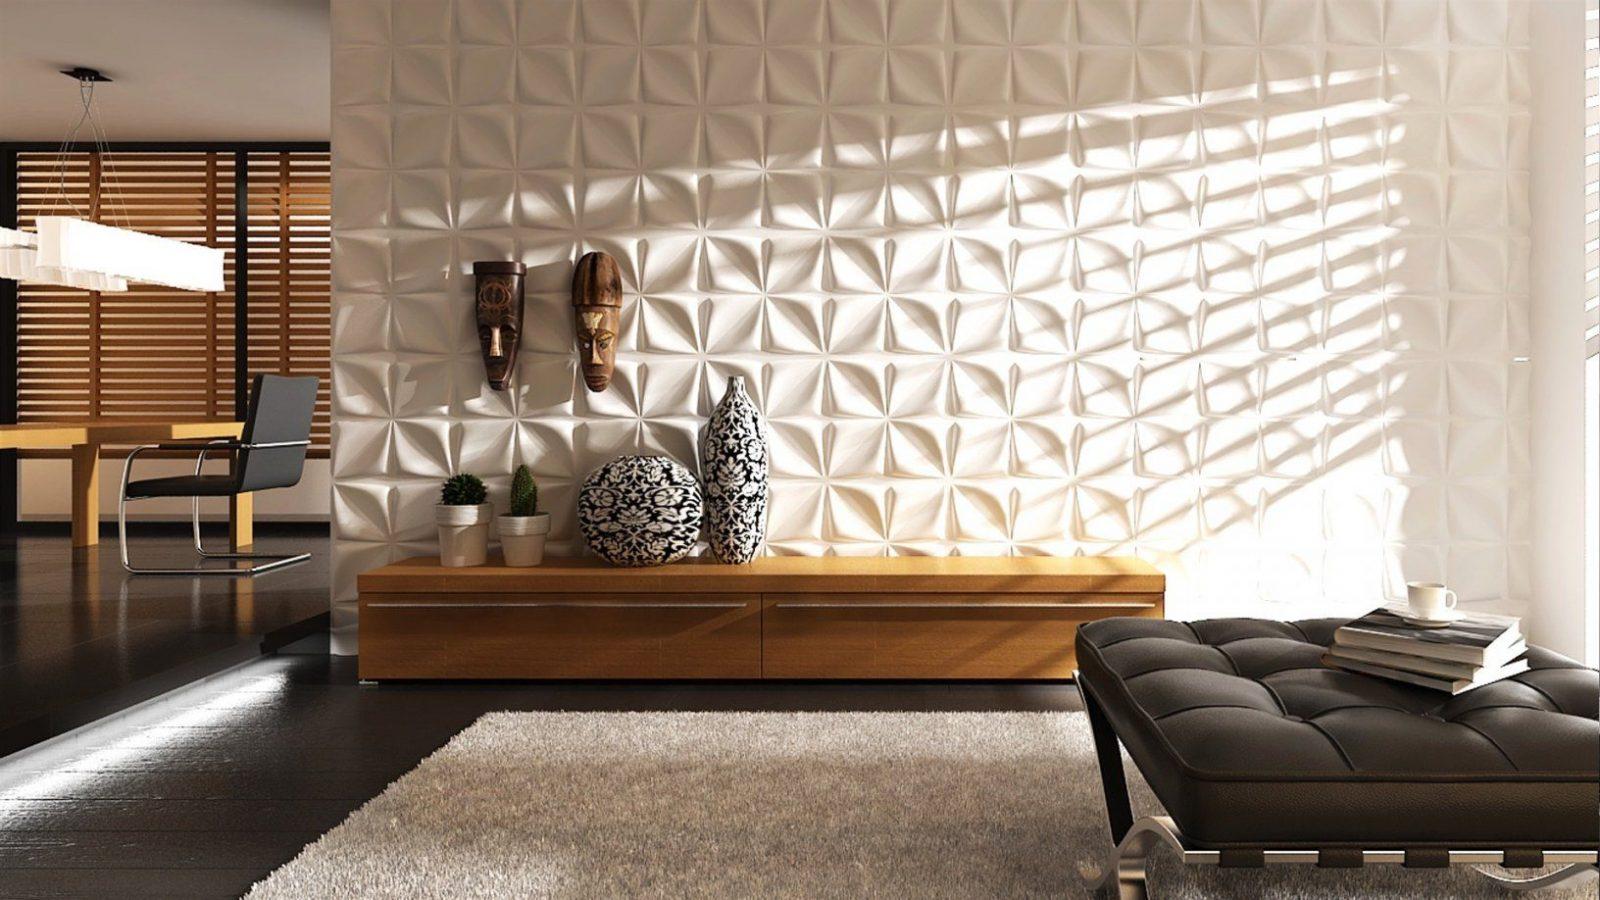 Wohnzimmer 3D Tapete Mit 3D Tapete Schön Stein Tapete 3D Wohnzimmer von Stein Tapete Wohnzimmer 3D Photo